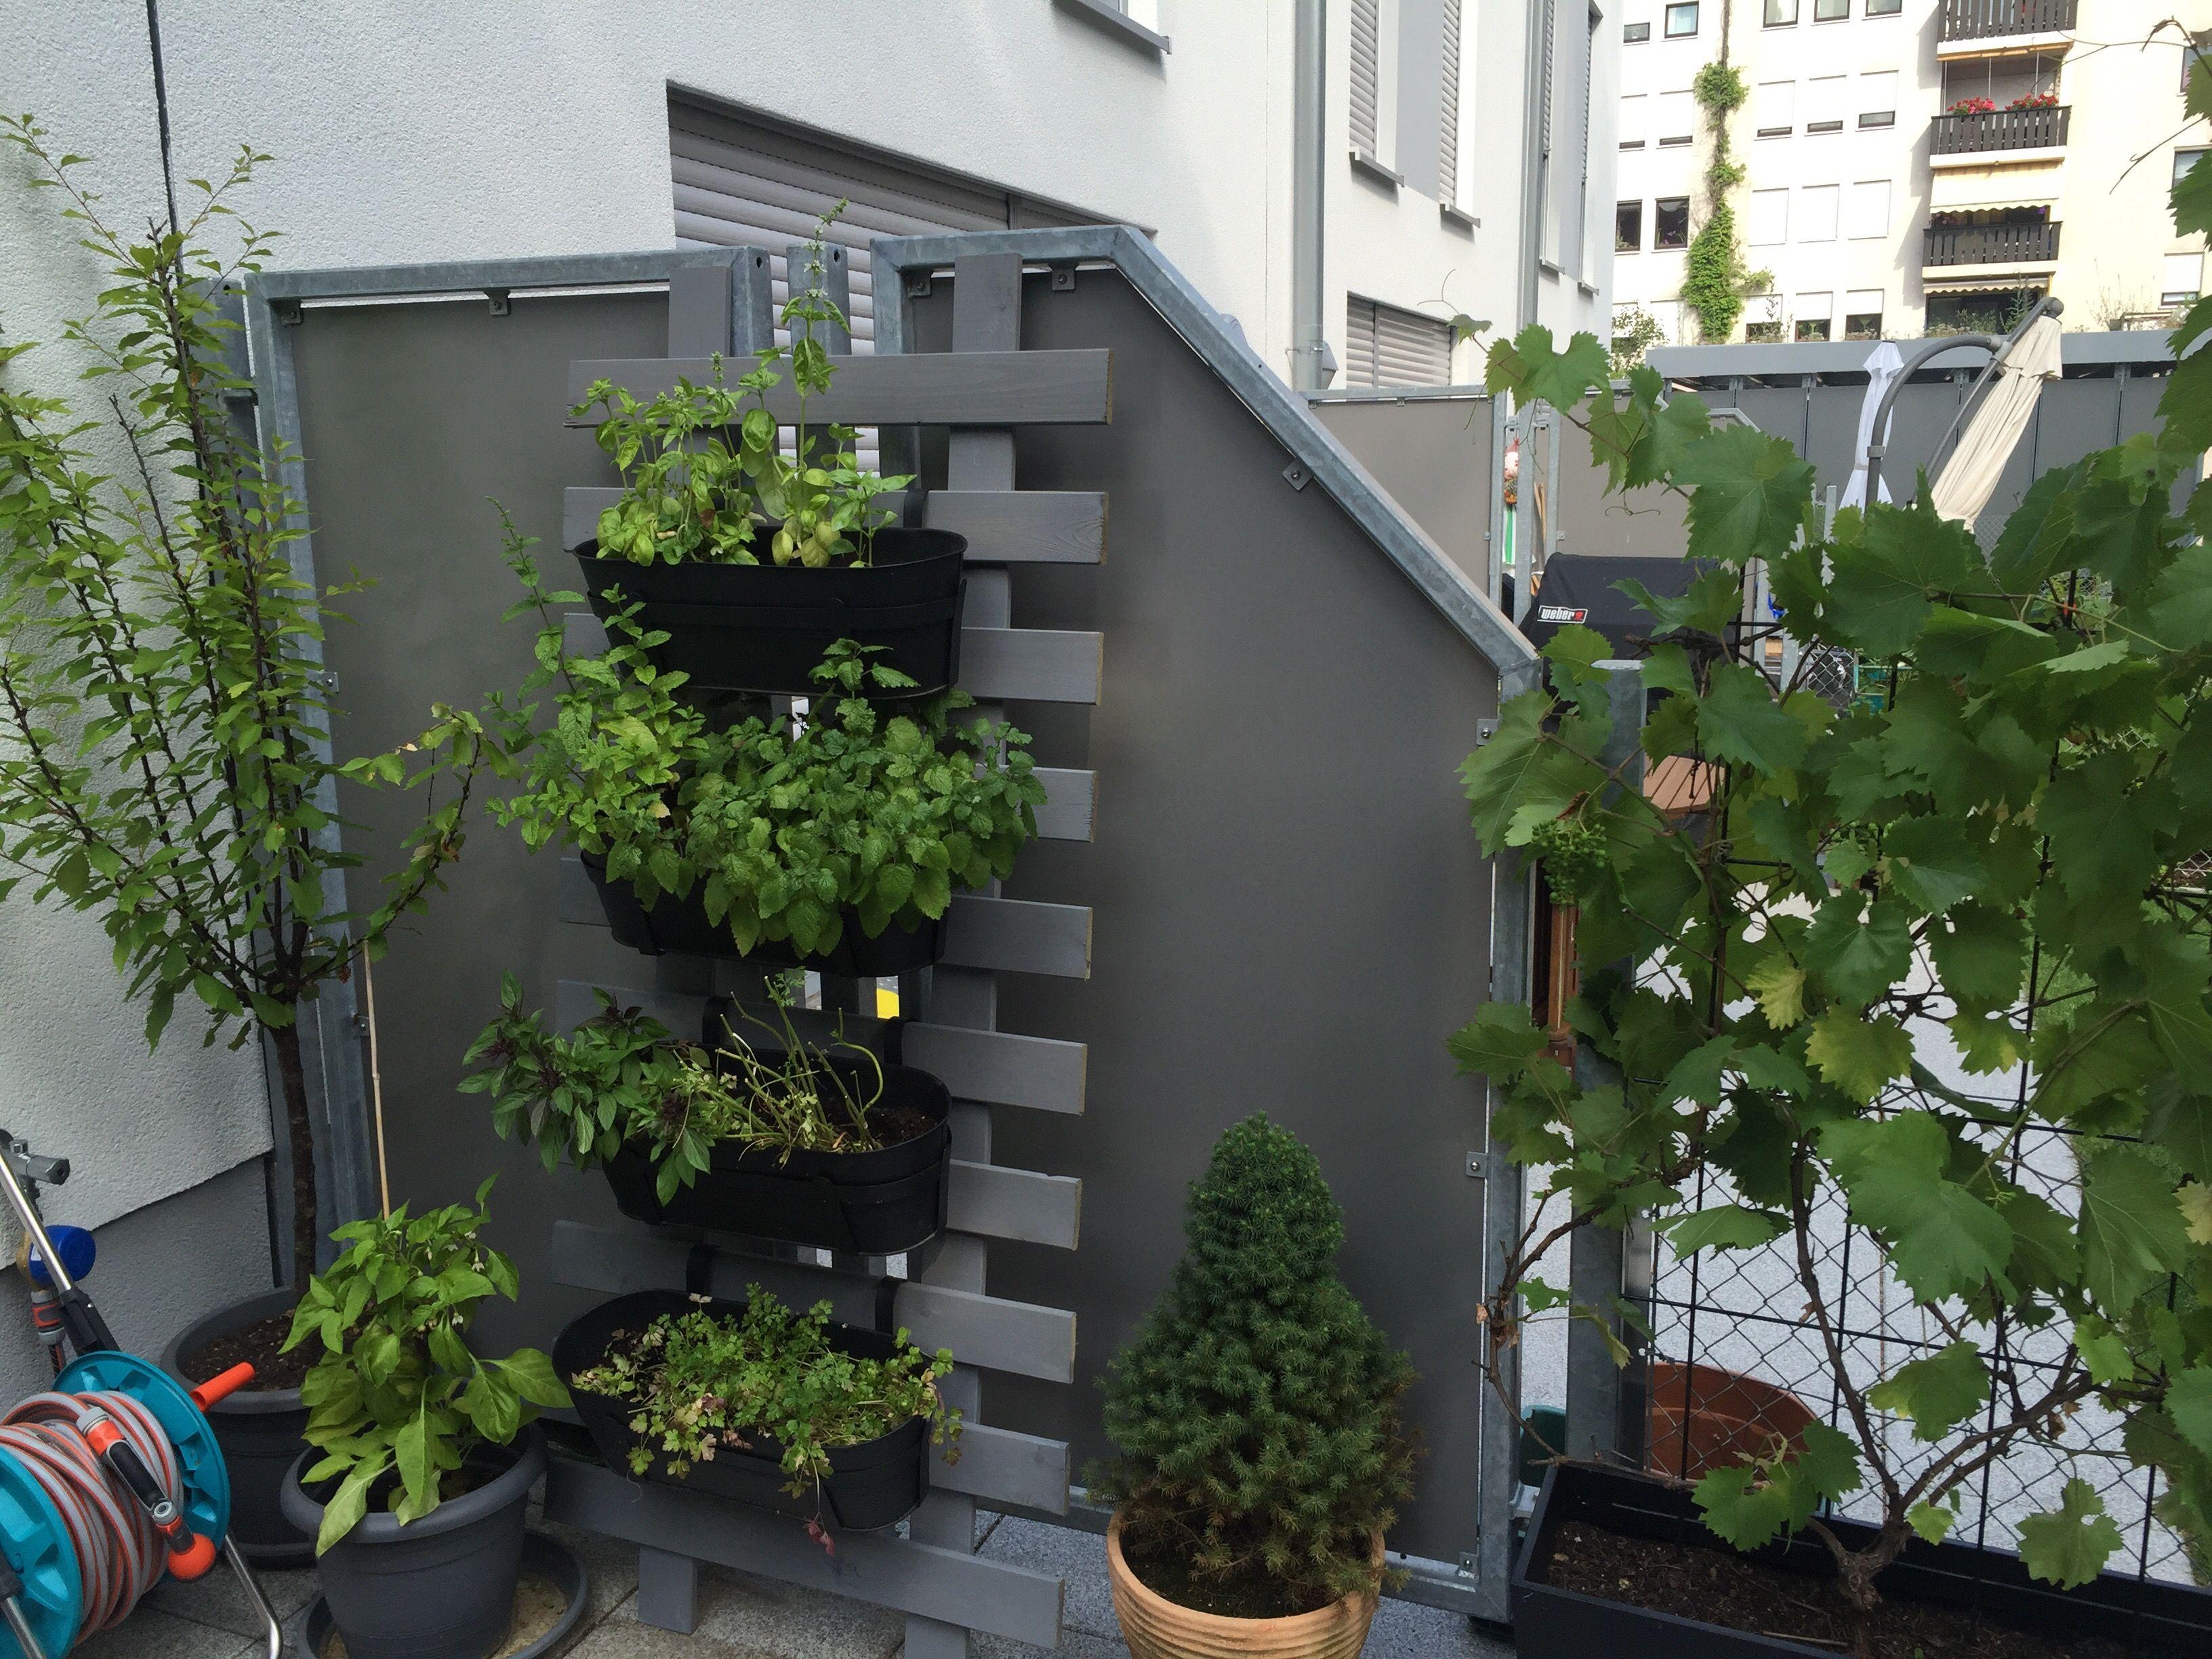 Krauter Leiter Einfach Selbstgebaut Sichtschutz Und Hingucker